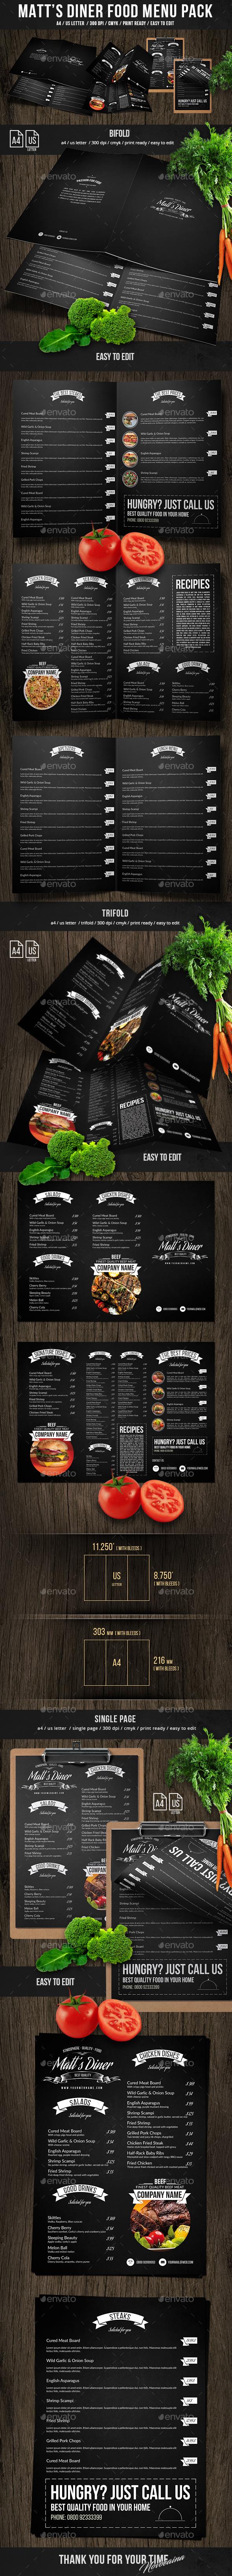 Matt's Diner Food Menu Bundle - Food Menus Print Templates